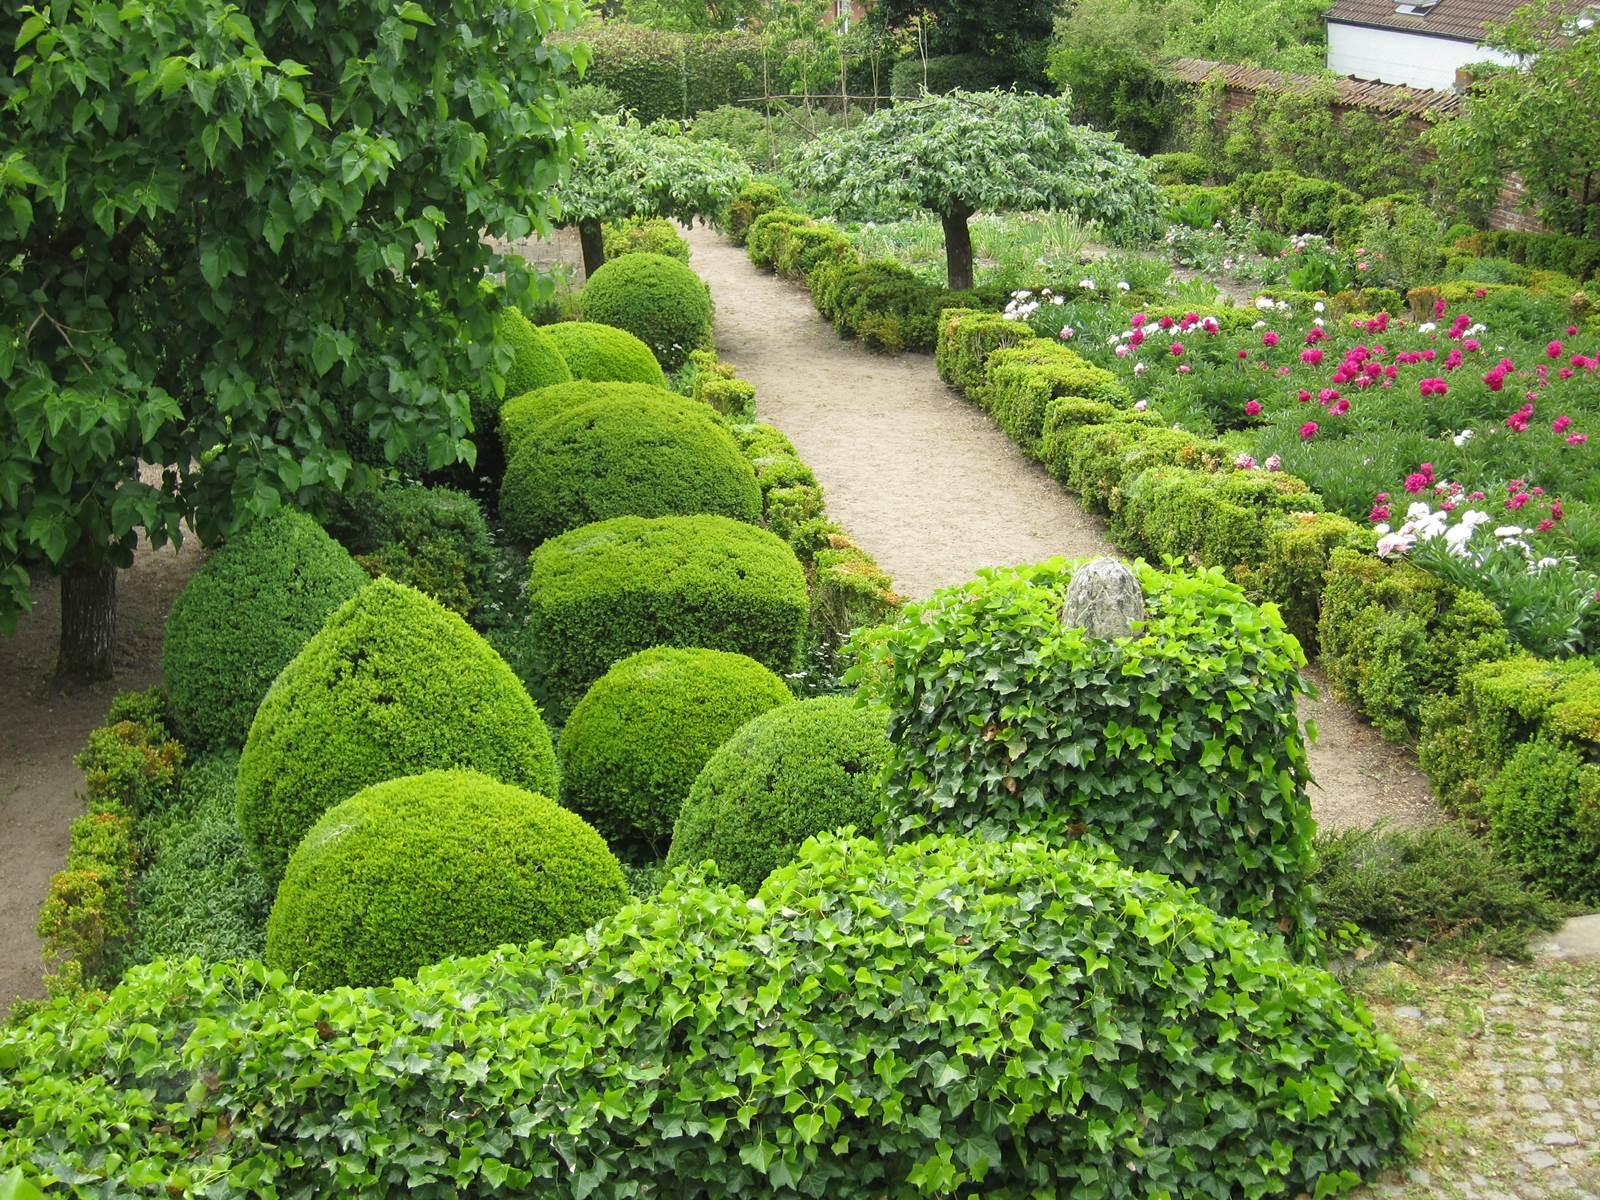 Le Jardin De Pivoines De Marie - La Terre Est Un Jardin concernant Les Jardins De Lourdes